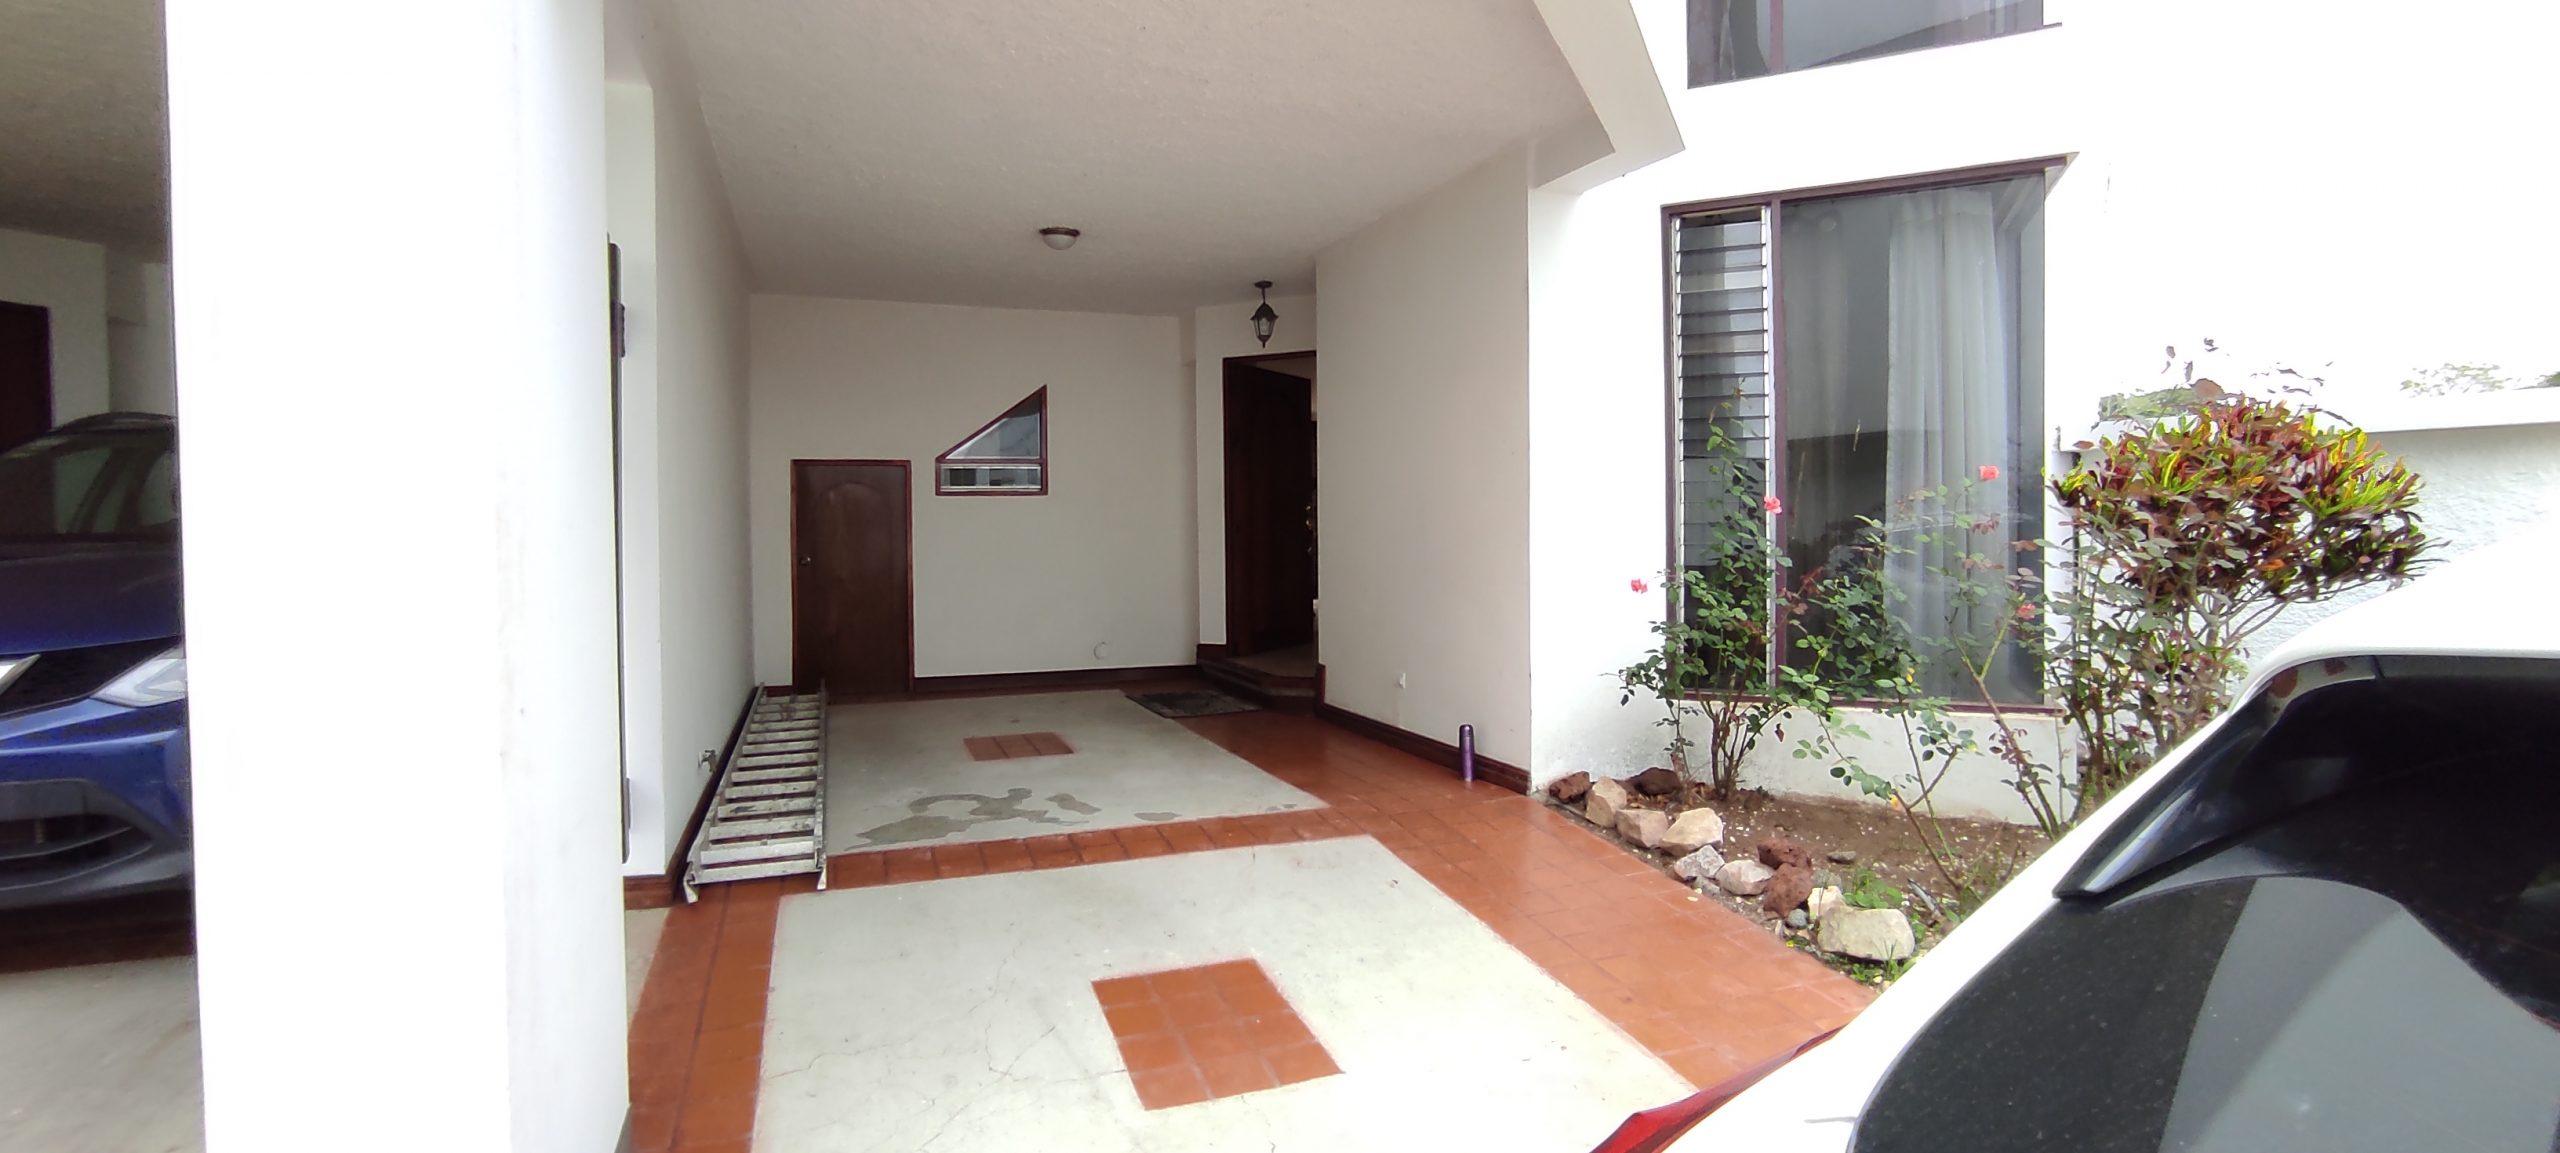 # 3147 Se Vende casa y Se Alquila con opción de compra en Curridabat